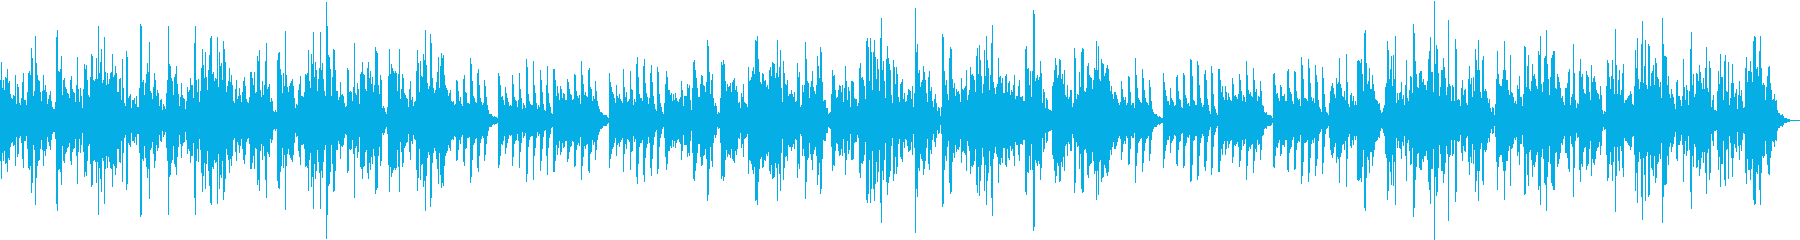 落ち着く優しい音色で穏やかなメロディの再生済みの波形